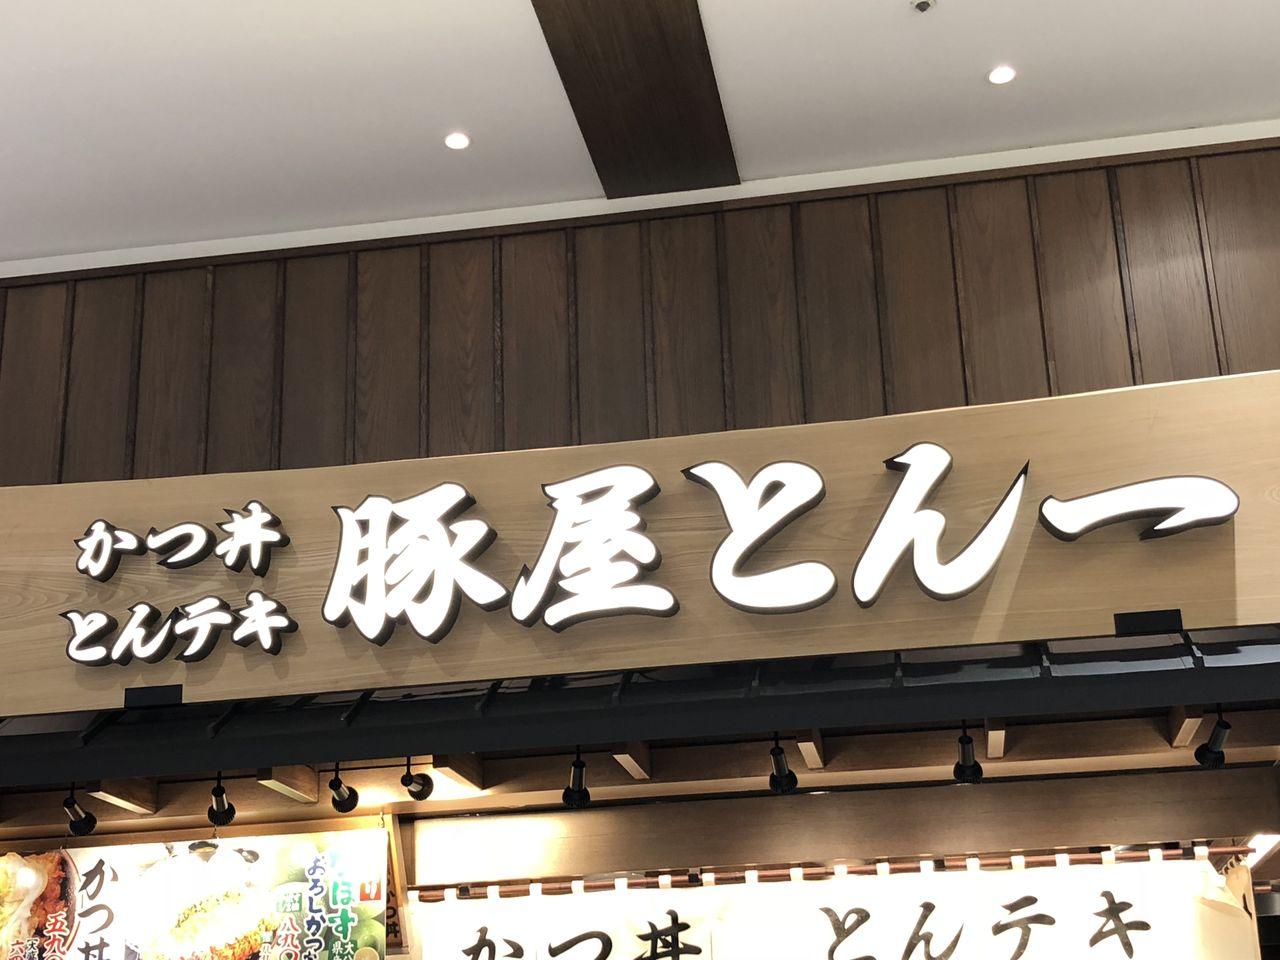 昭和 イオン モール 甲府